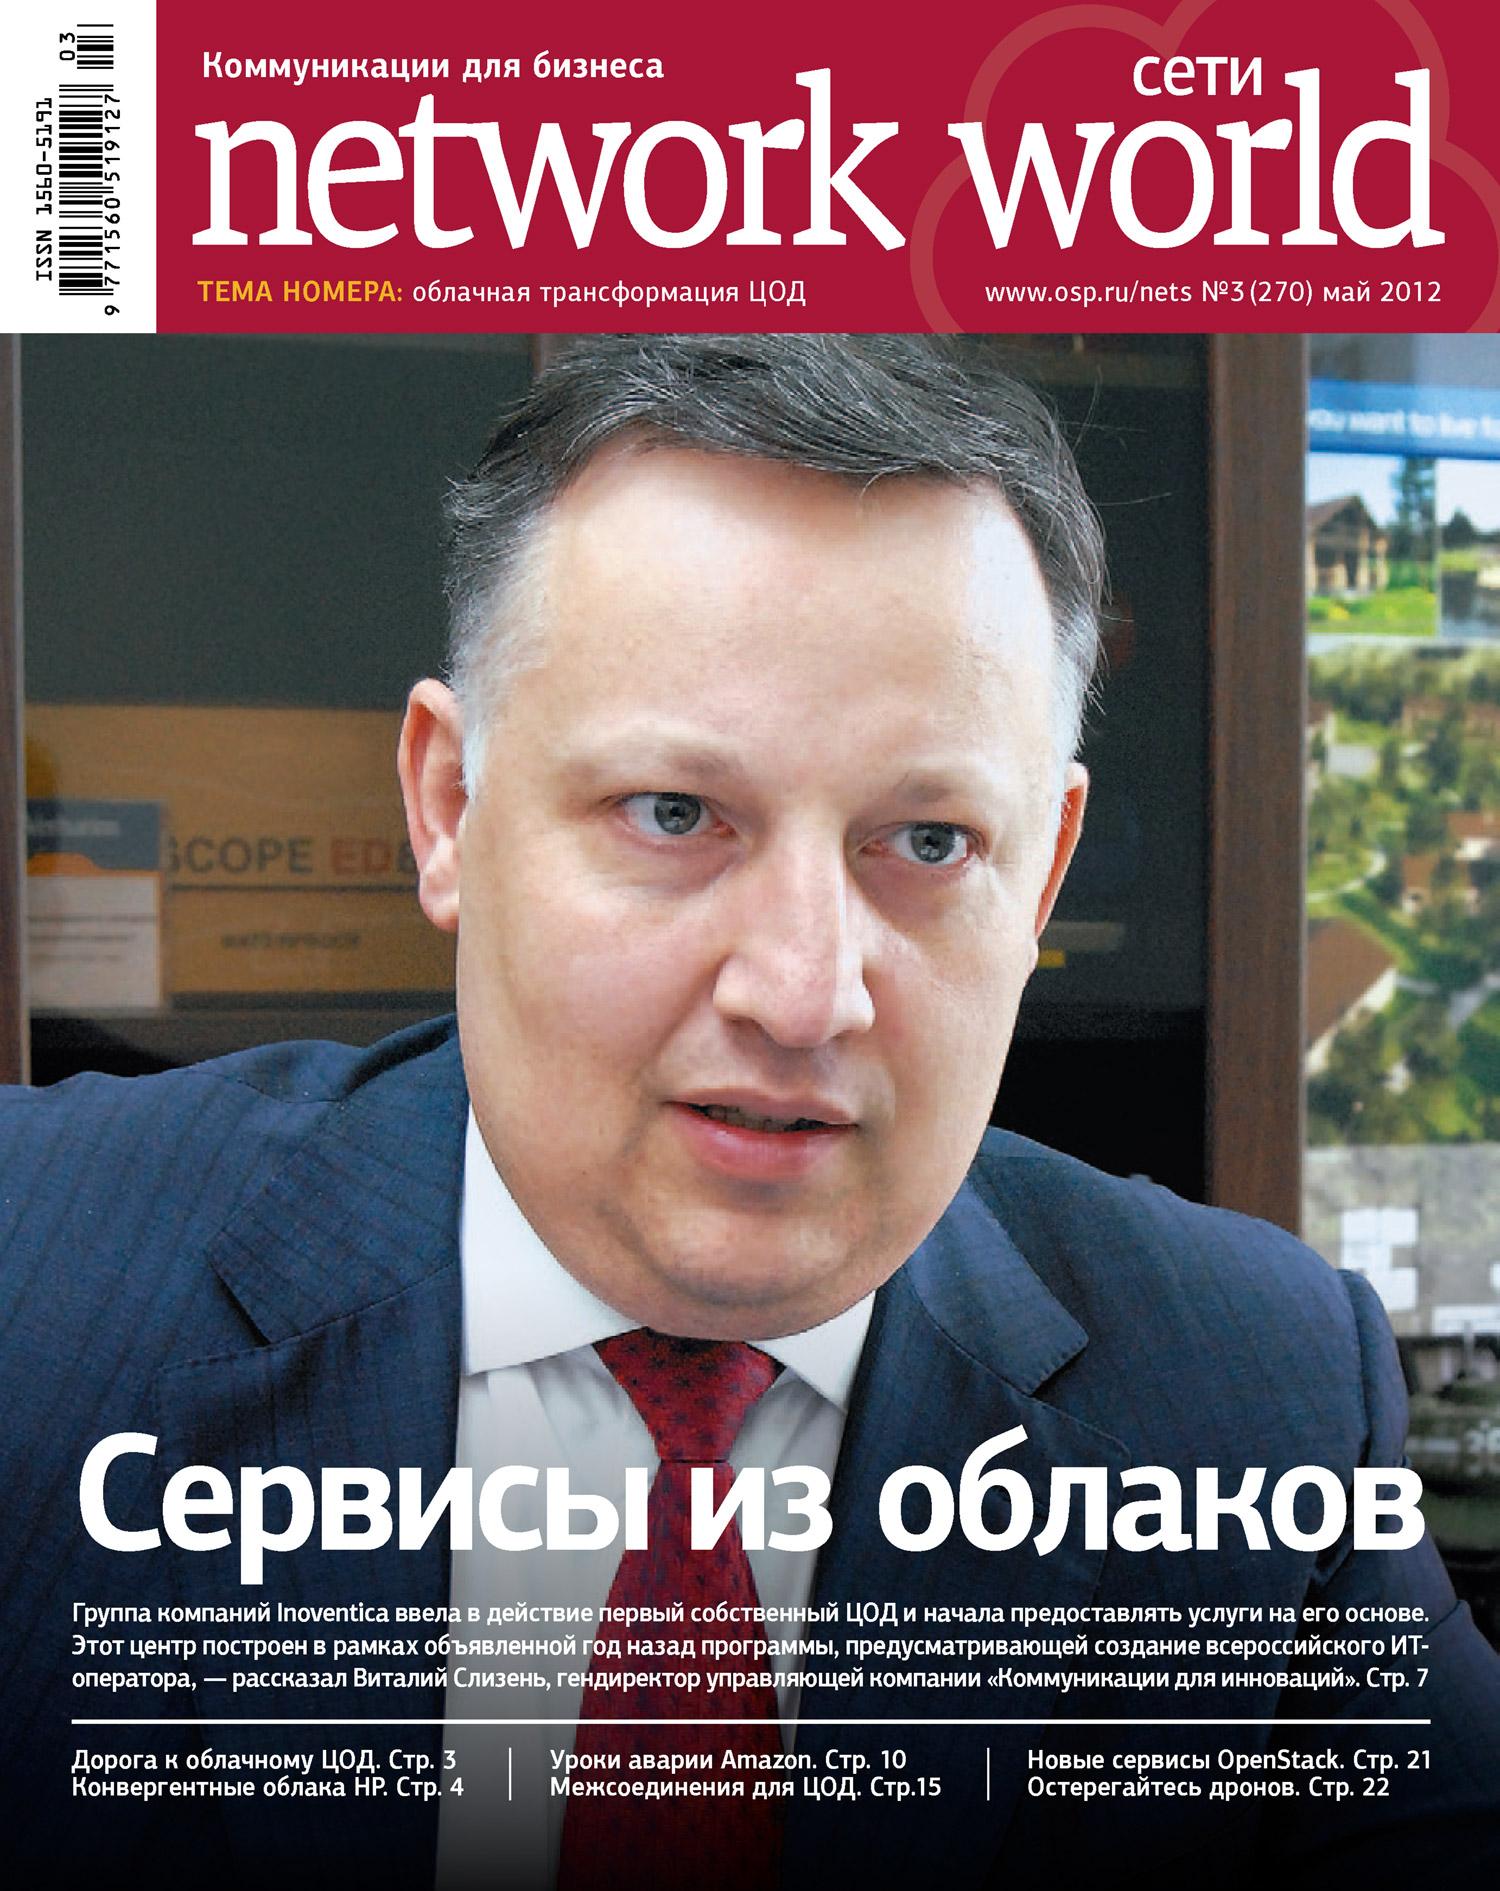 Открытые системы Сети / Network World №03/2012 открытые системы сети network world 06 2012